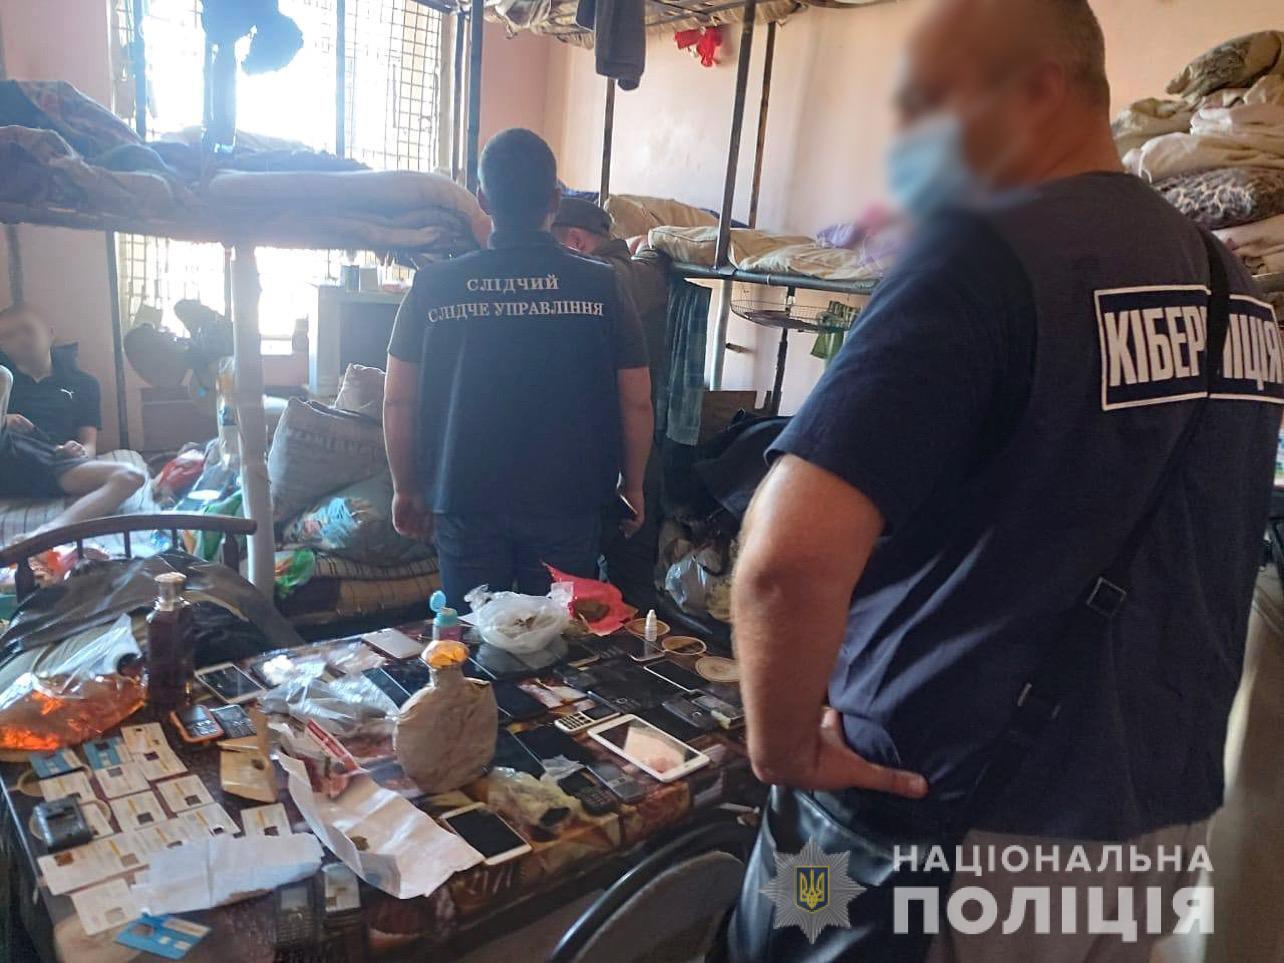 В Украине мошенники похитили почти 20 млн грн с банковских карт